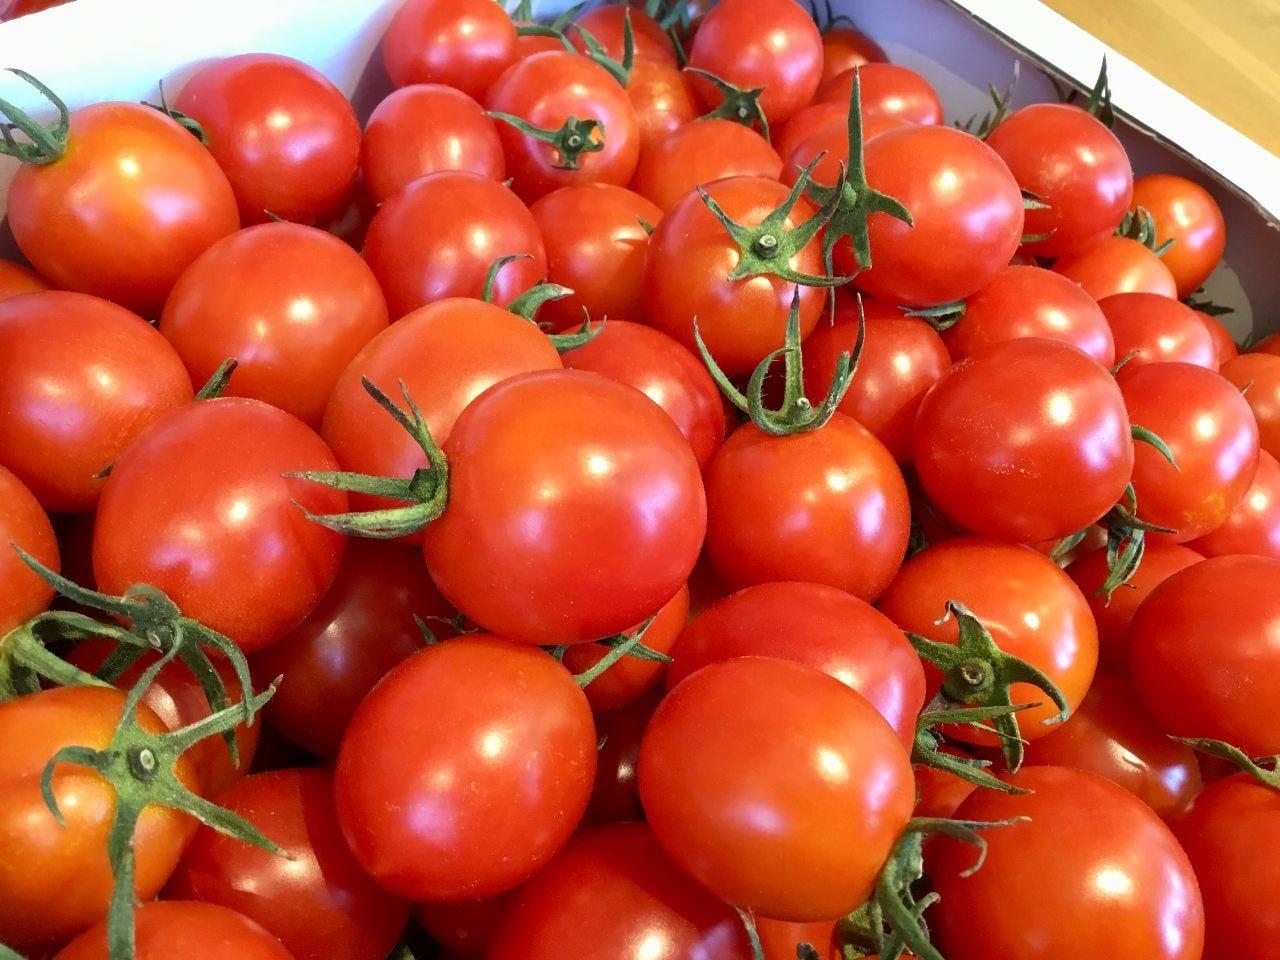 NEW☆【自家農園野菜のサラダランチ】農園サラダに焼野菜&ドリンクフリー